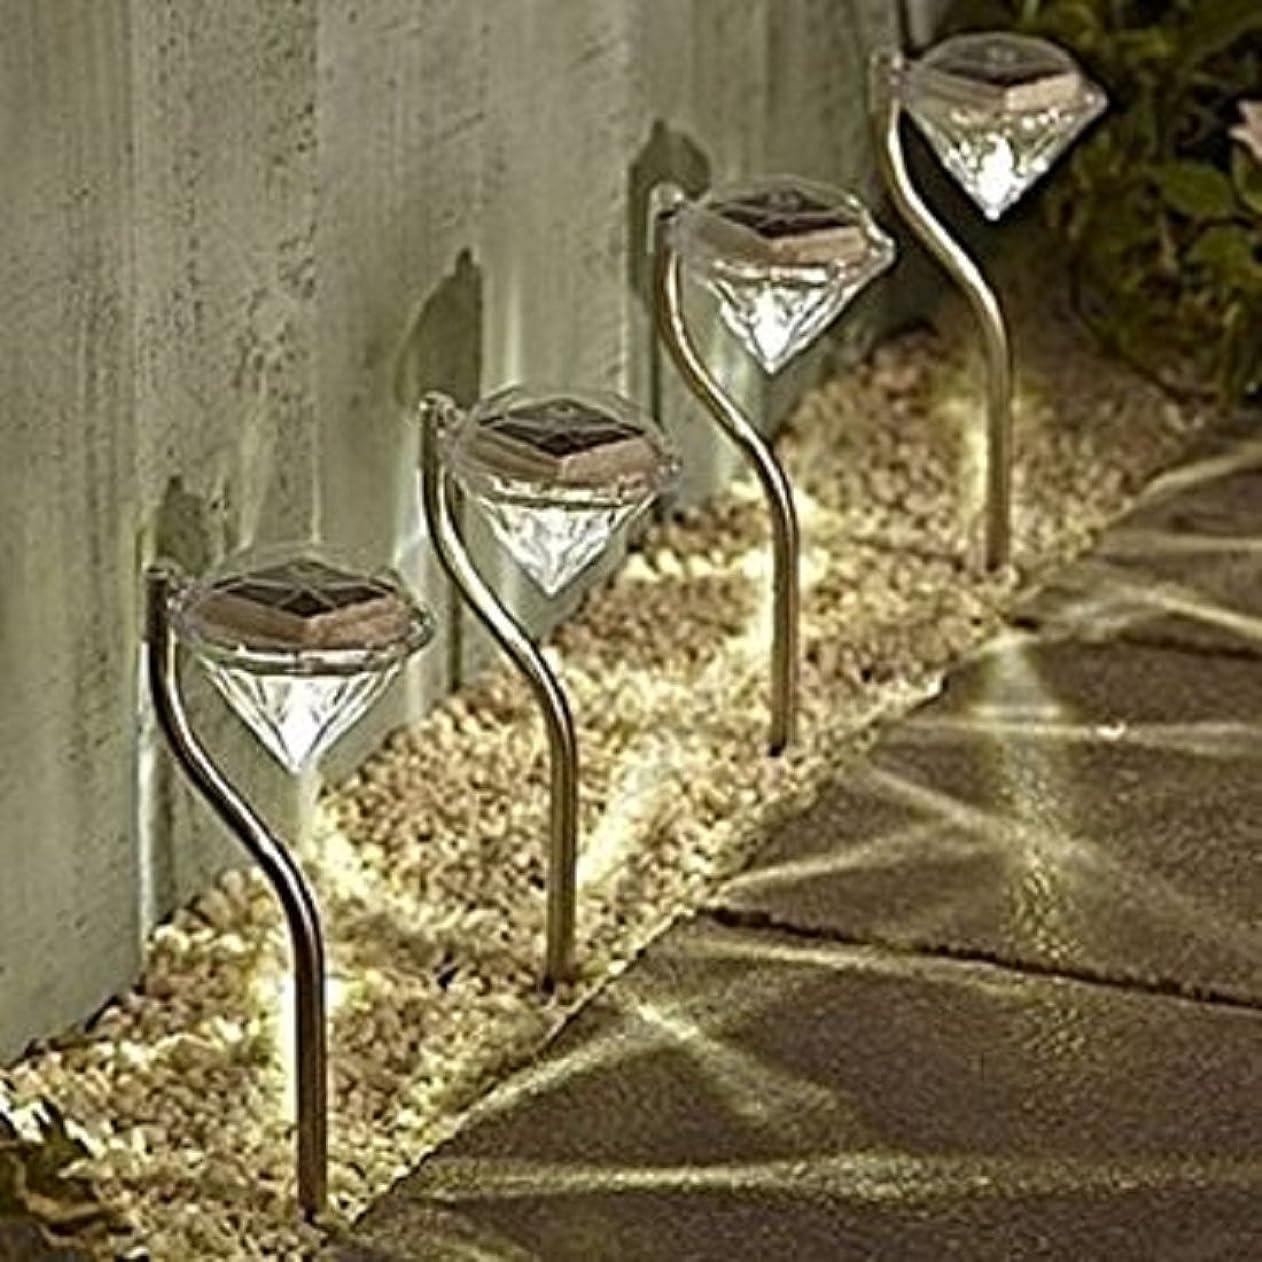 広告主段階酔ってダイヤモンドタイプ ガーデンライト 4個セット LEDライト ソーラーライト 屋外 ガーデニング (暖黄色)